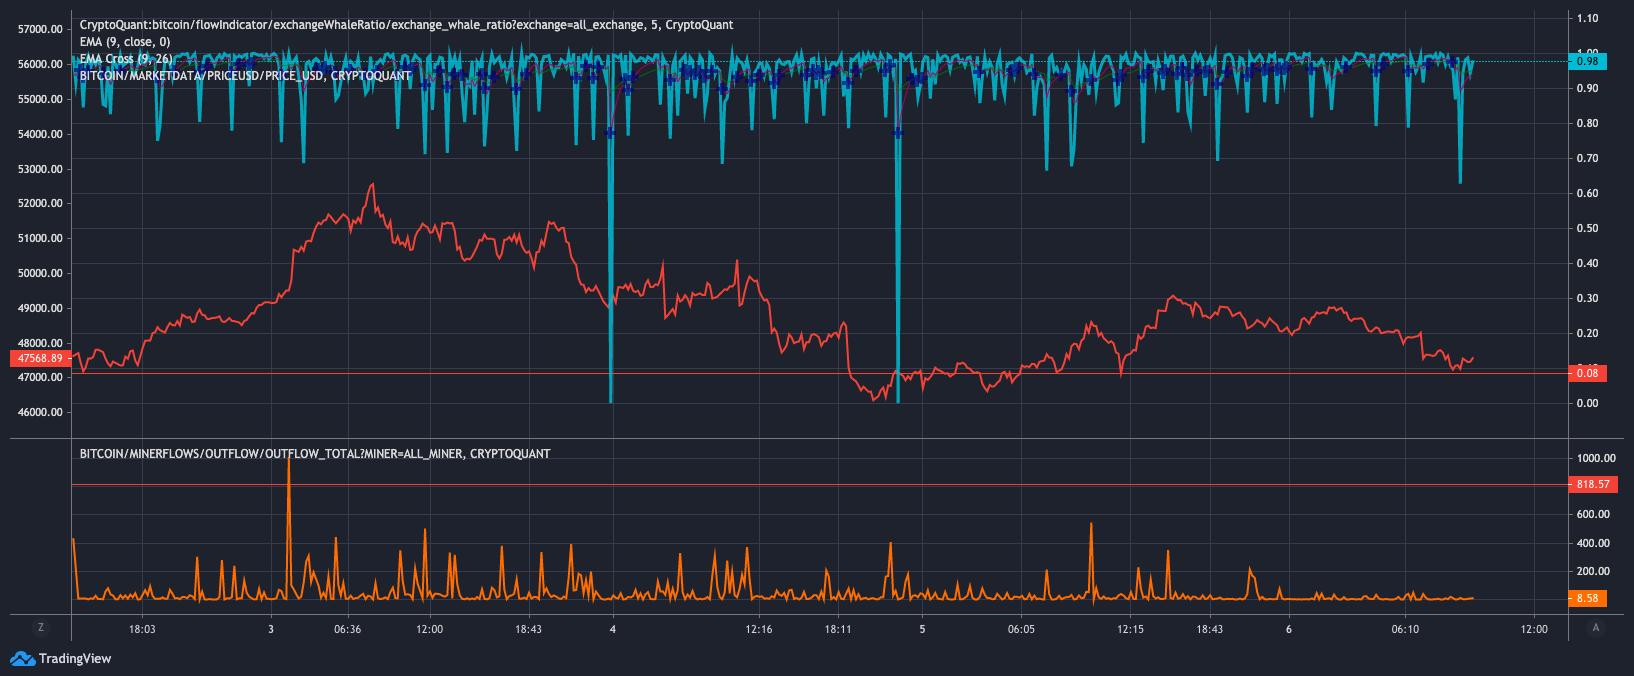 Các nhà giao dịch Bitcoin lo lắng khi giá BTC vẫn bị ghim dưới 50 nghìn đô la